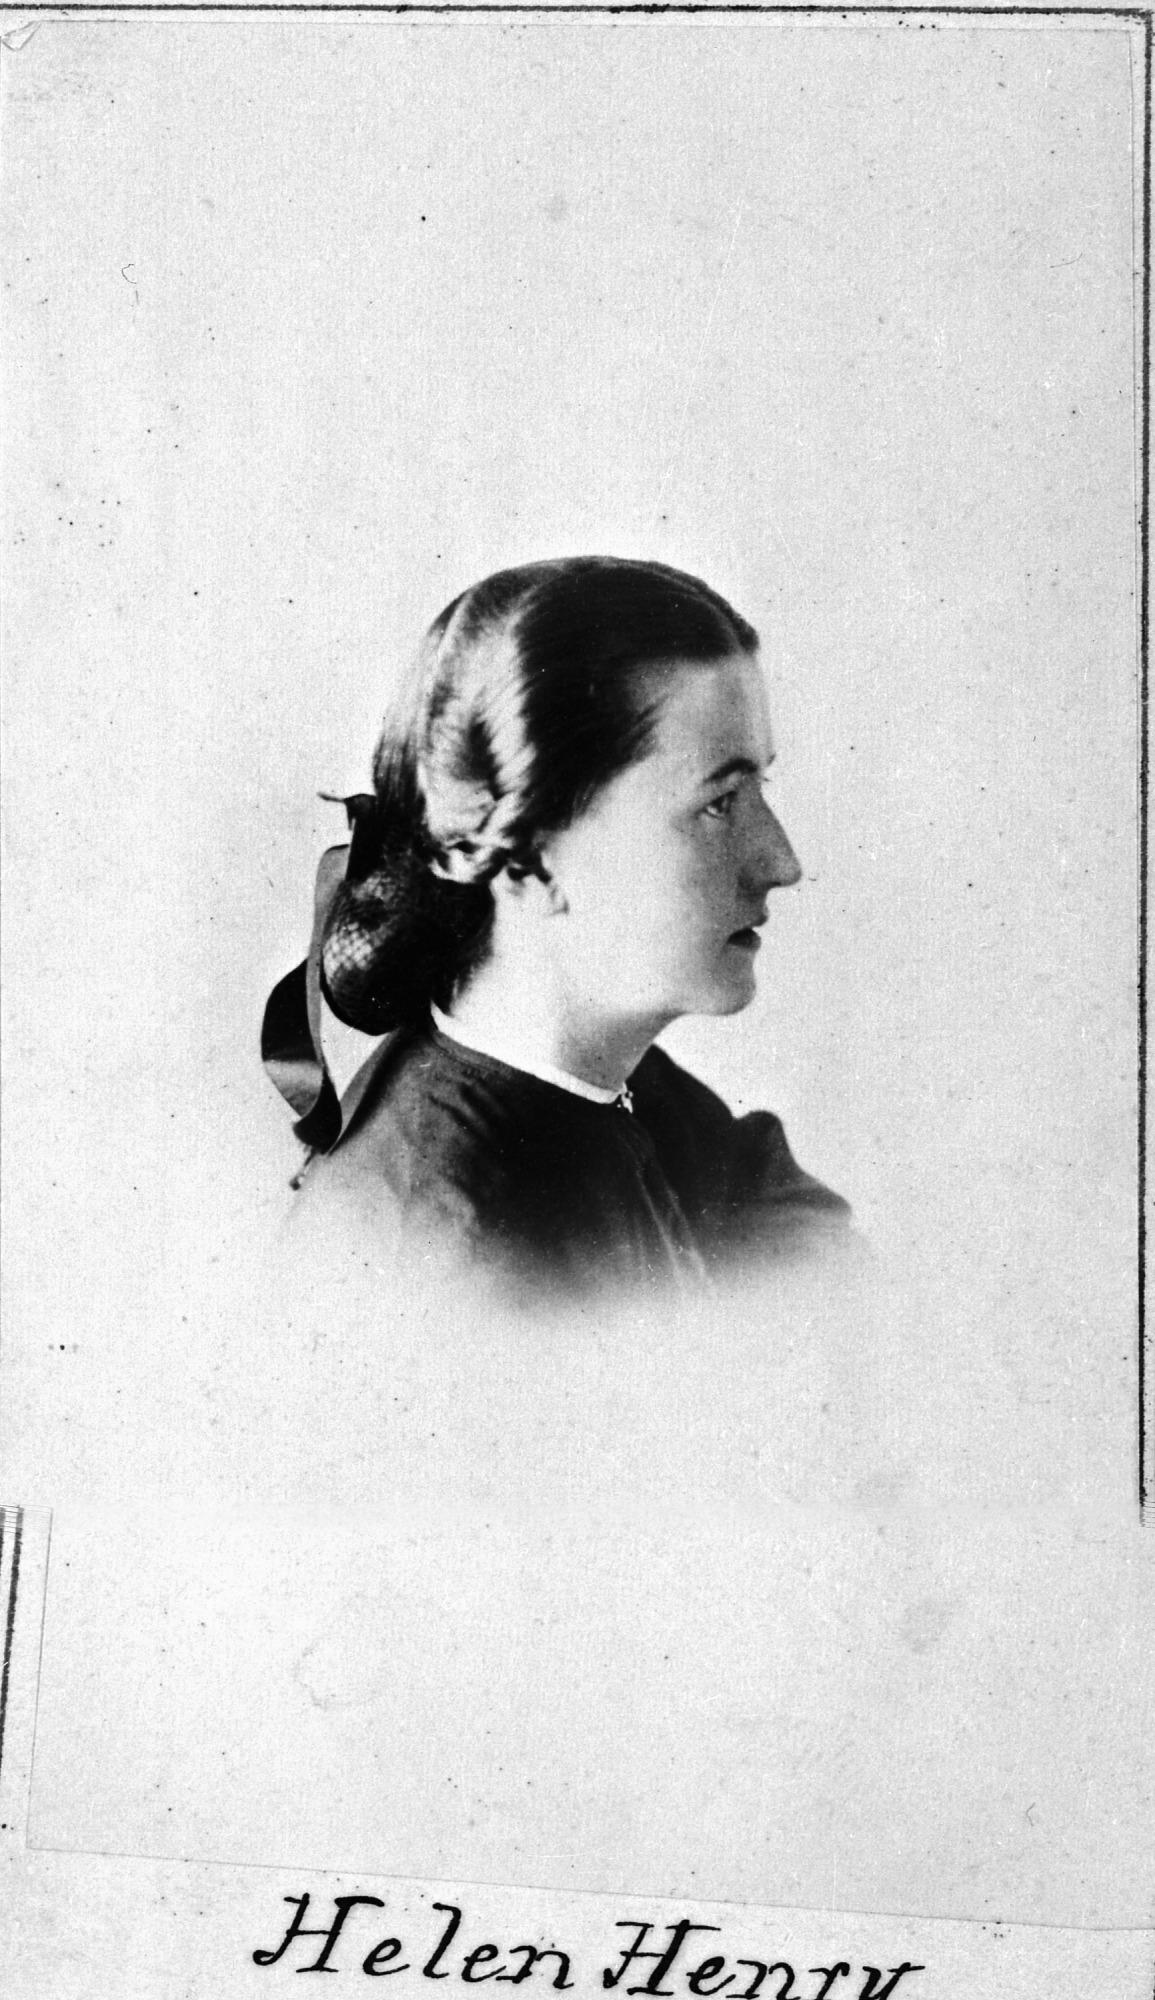 Joseph Henry's daughter Helen